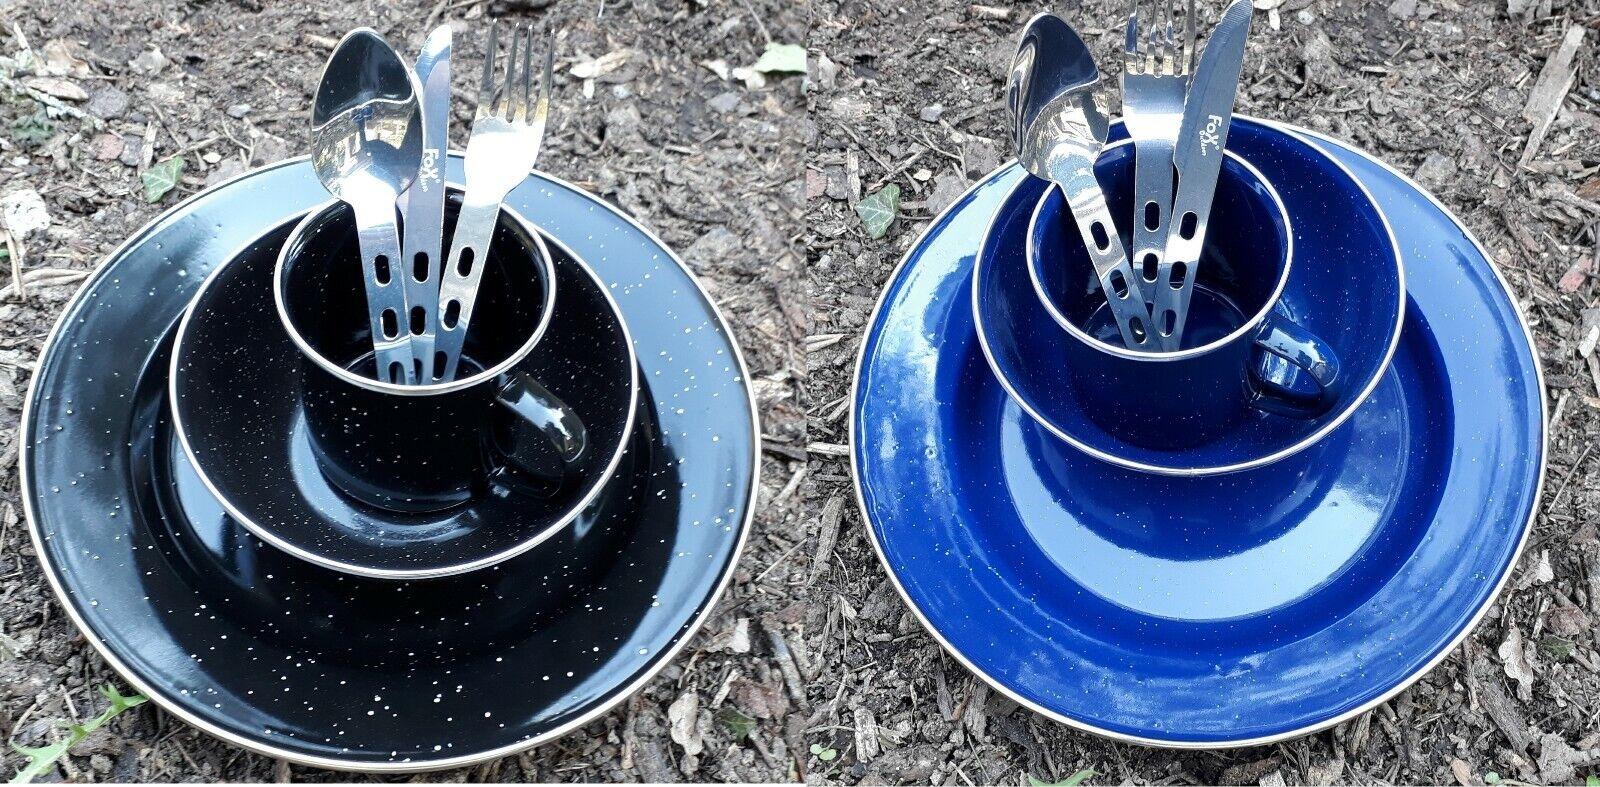 Email Campinggeschirr Set Tasse Teller Besteck Schüssel blau schwarz Emaille Neu